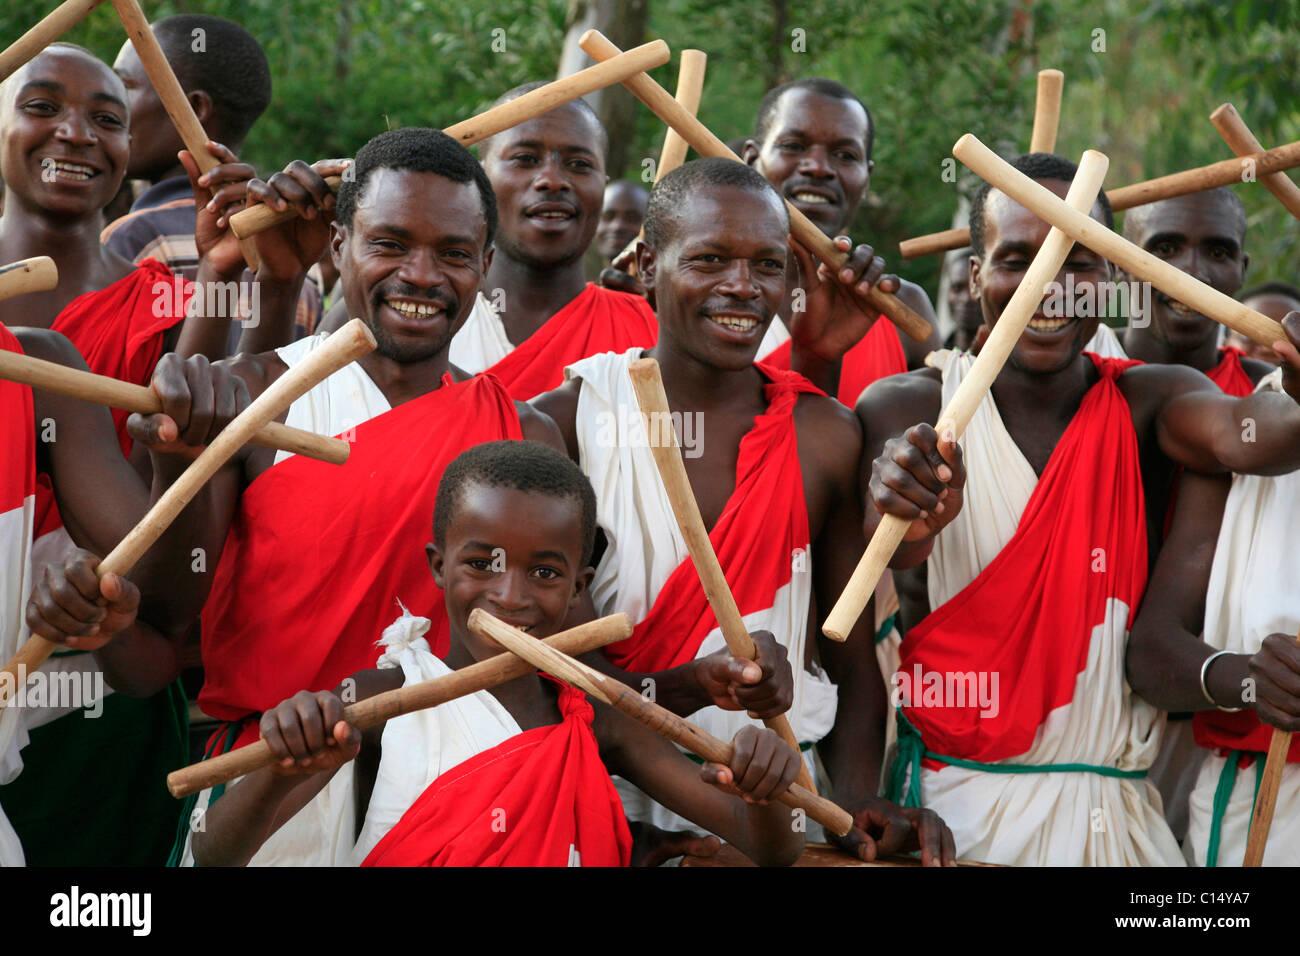 Painet kc5718 dance burundi local drum group gitera africa sub and saharan horizontal 2009 anniversary bash blast - Stock Image